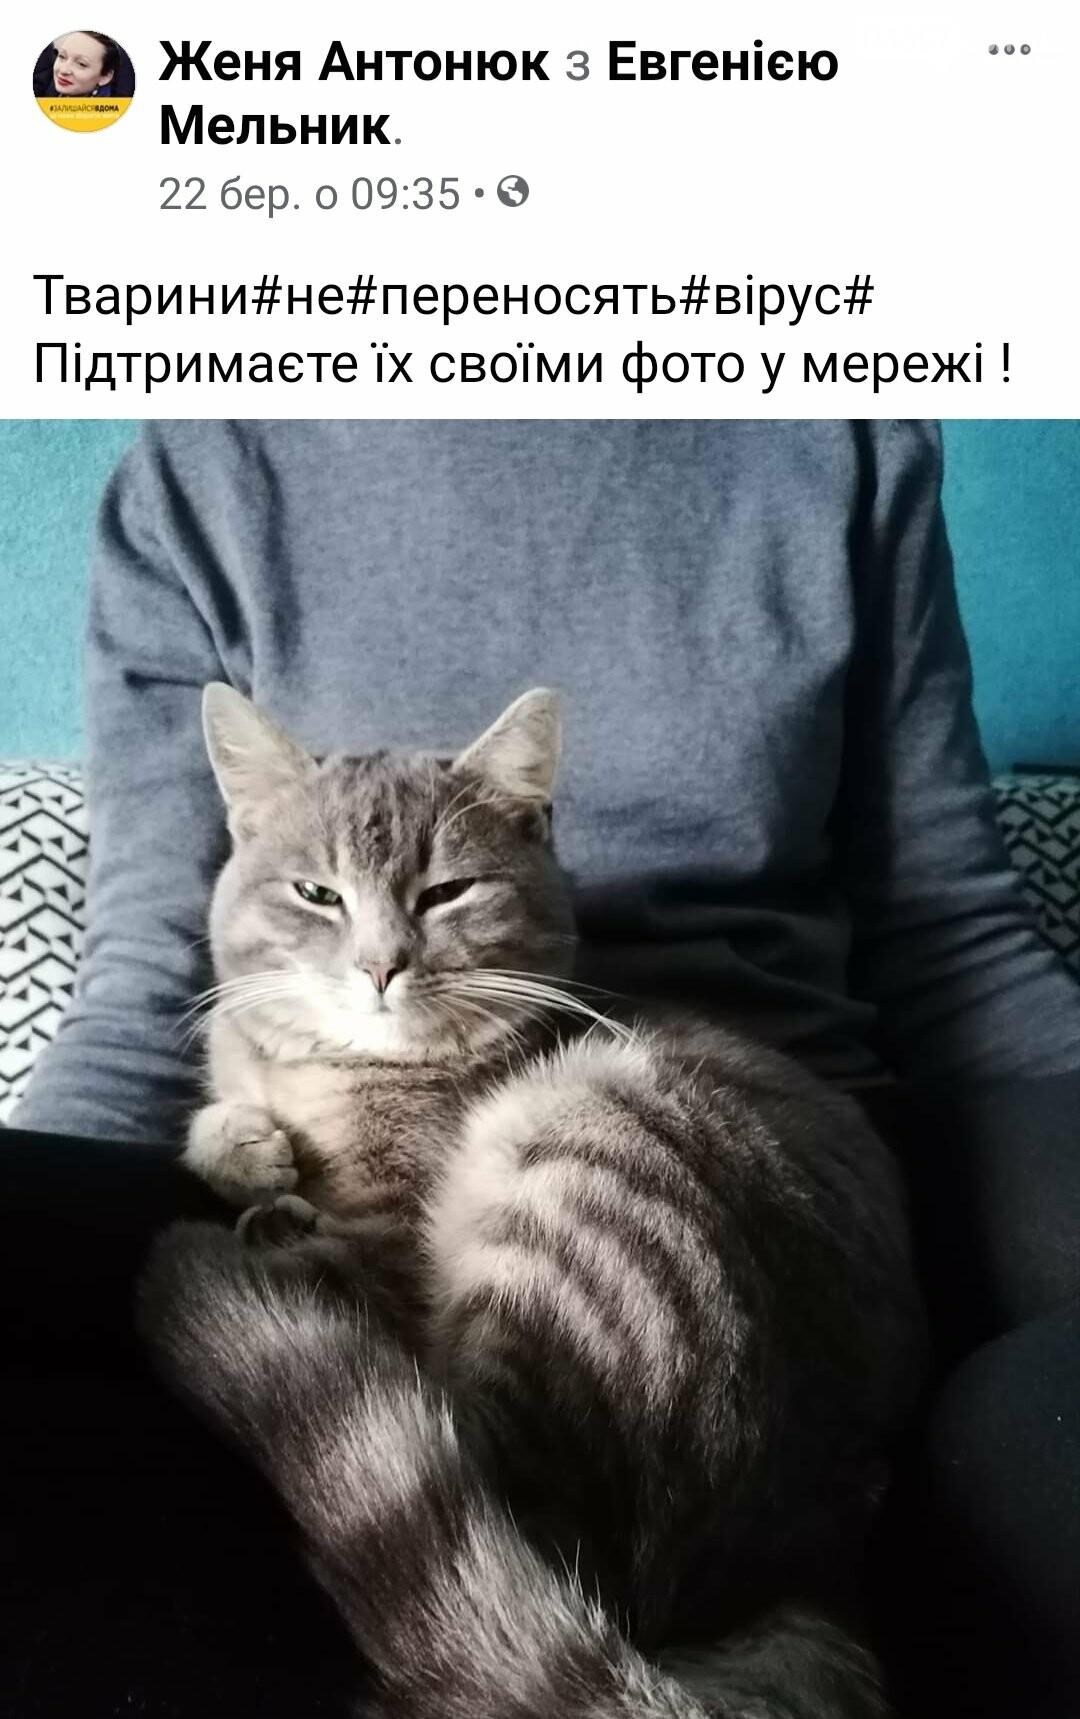 Тварини не заразні: в мережі шириться флешмоб на підтримку домашніх улюбленців, фото-1